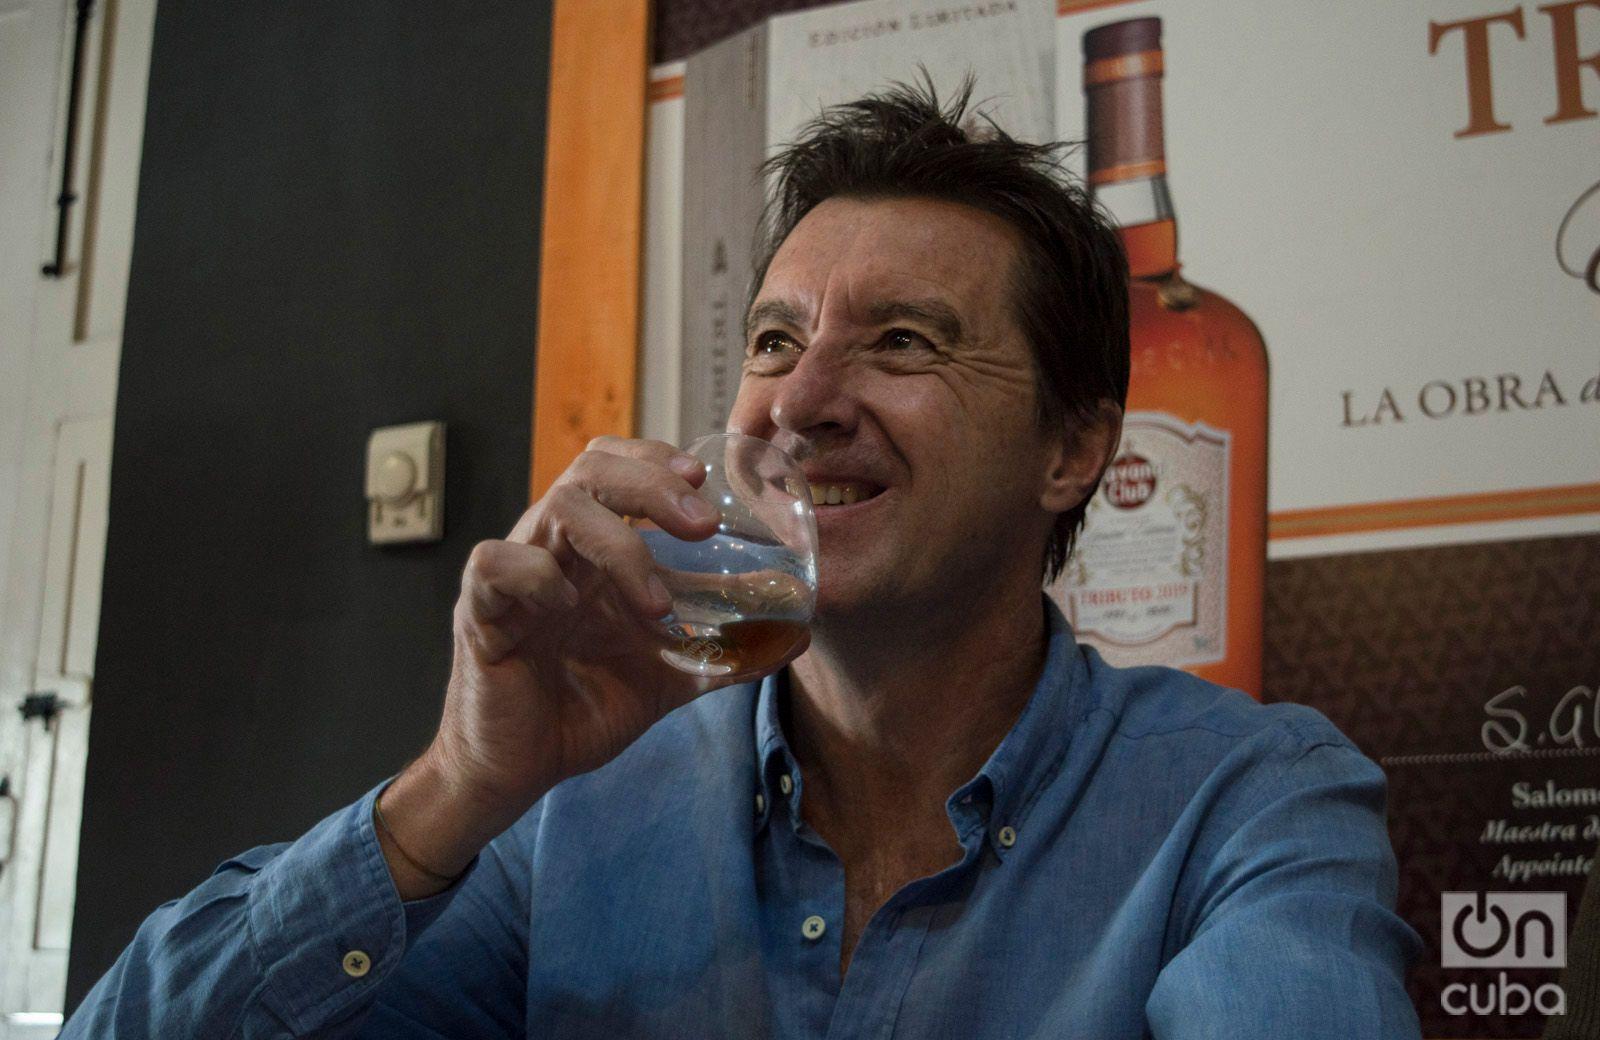 Christian Barré, director general de la compañía Havan Club Internacional, en la presentación dle ron Tributo 2019. Foto: Otmaro Rodríguez.